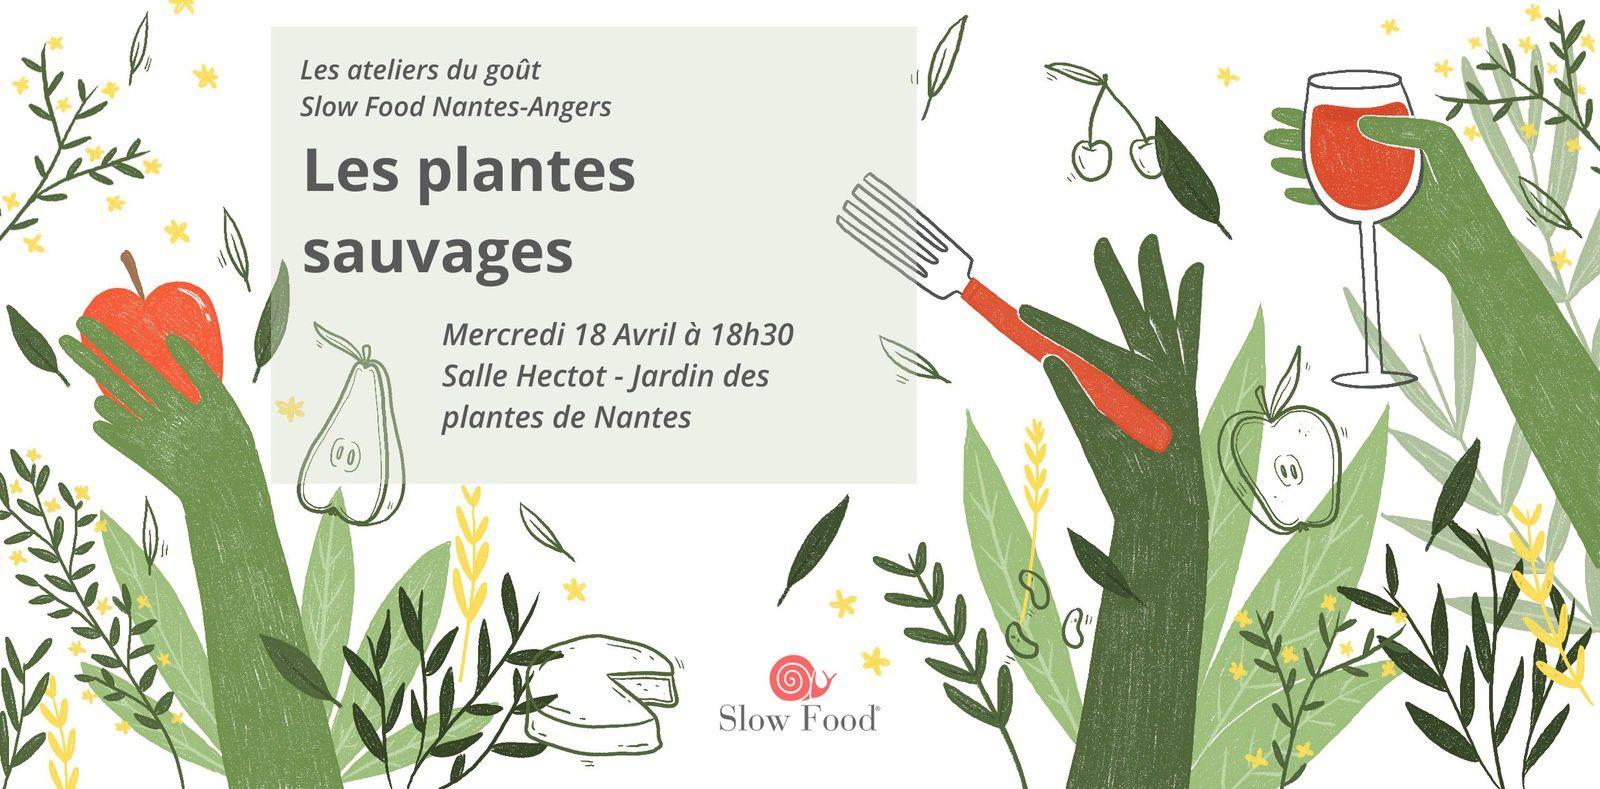 Prochain atelier du goût - les plantes sauvages - mercredi 18 avril